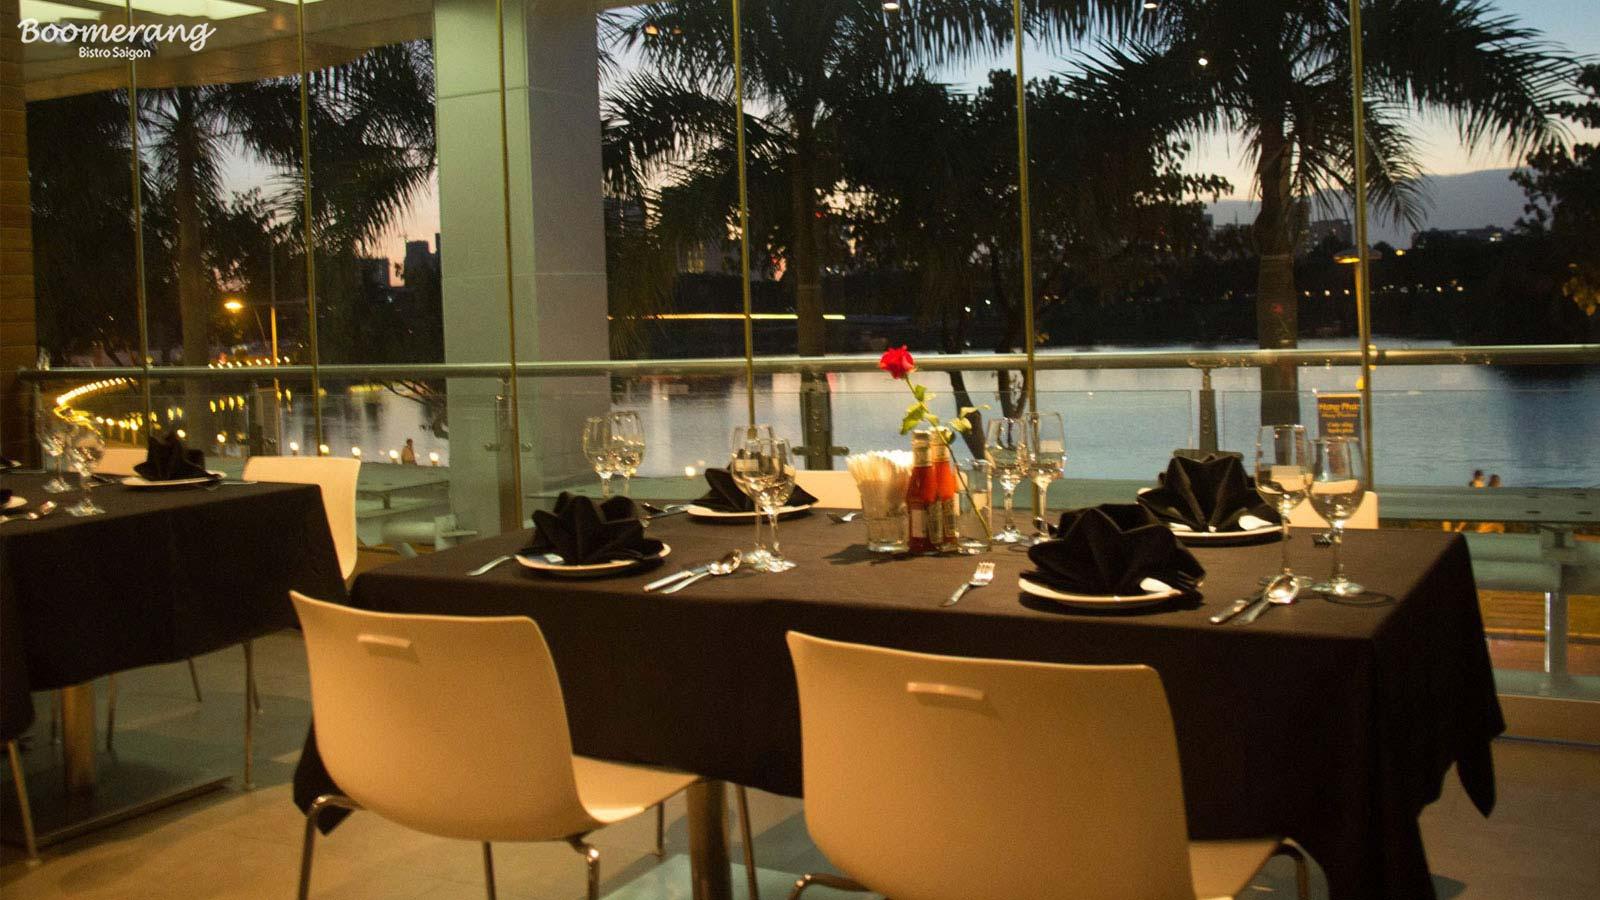 Không gian bàn tiệc nhà hàng Boomerang